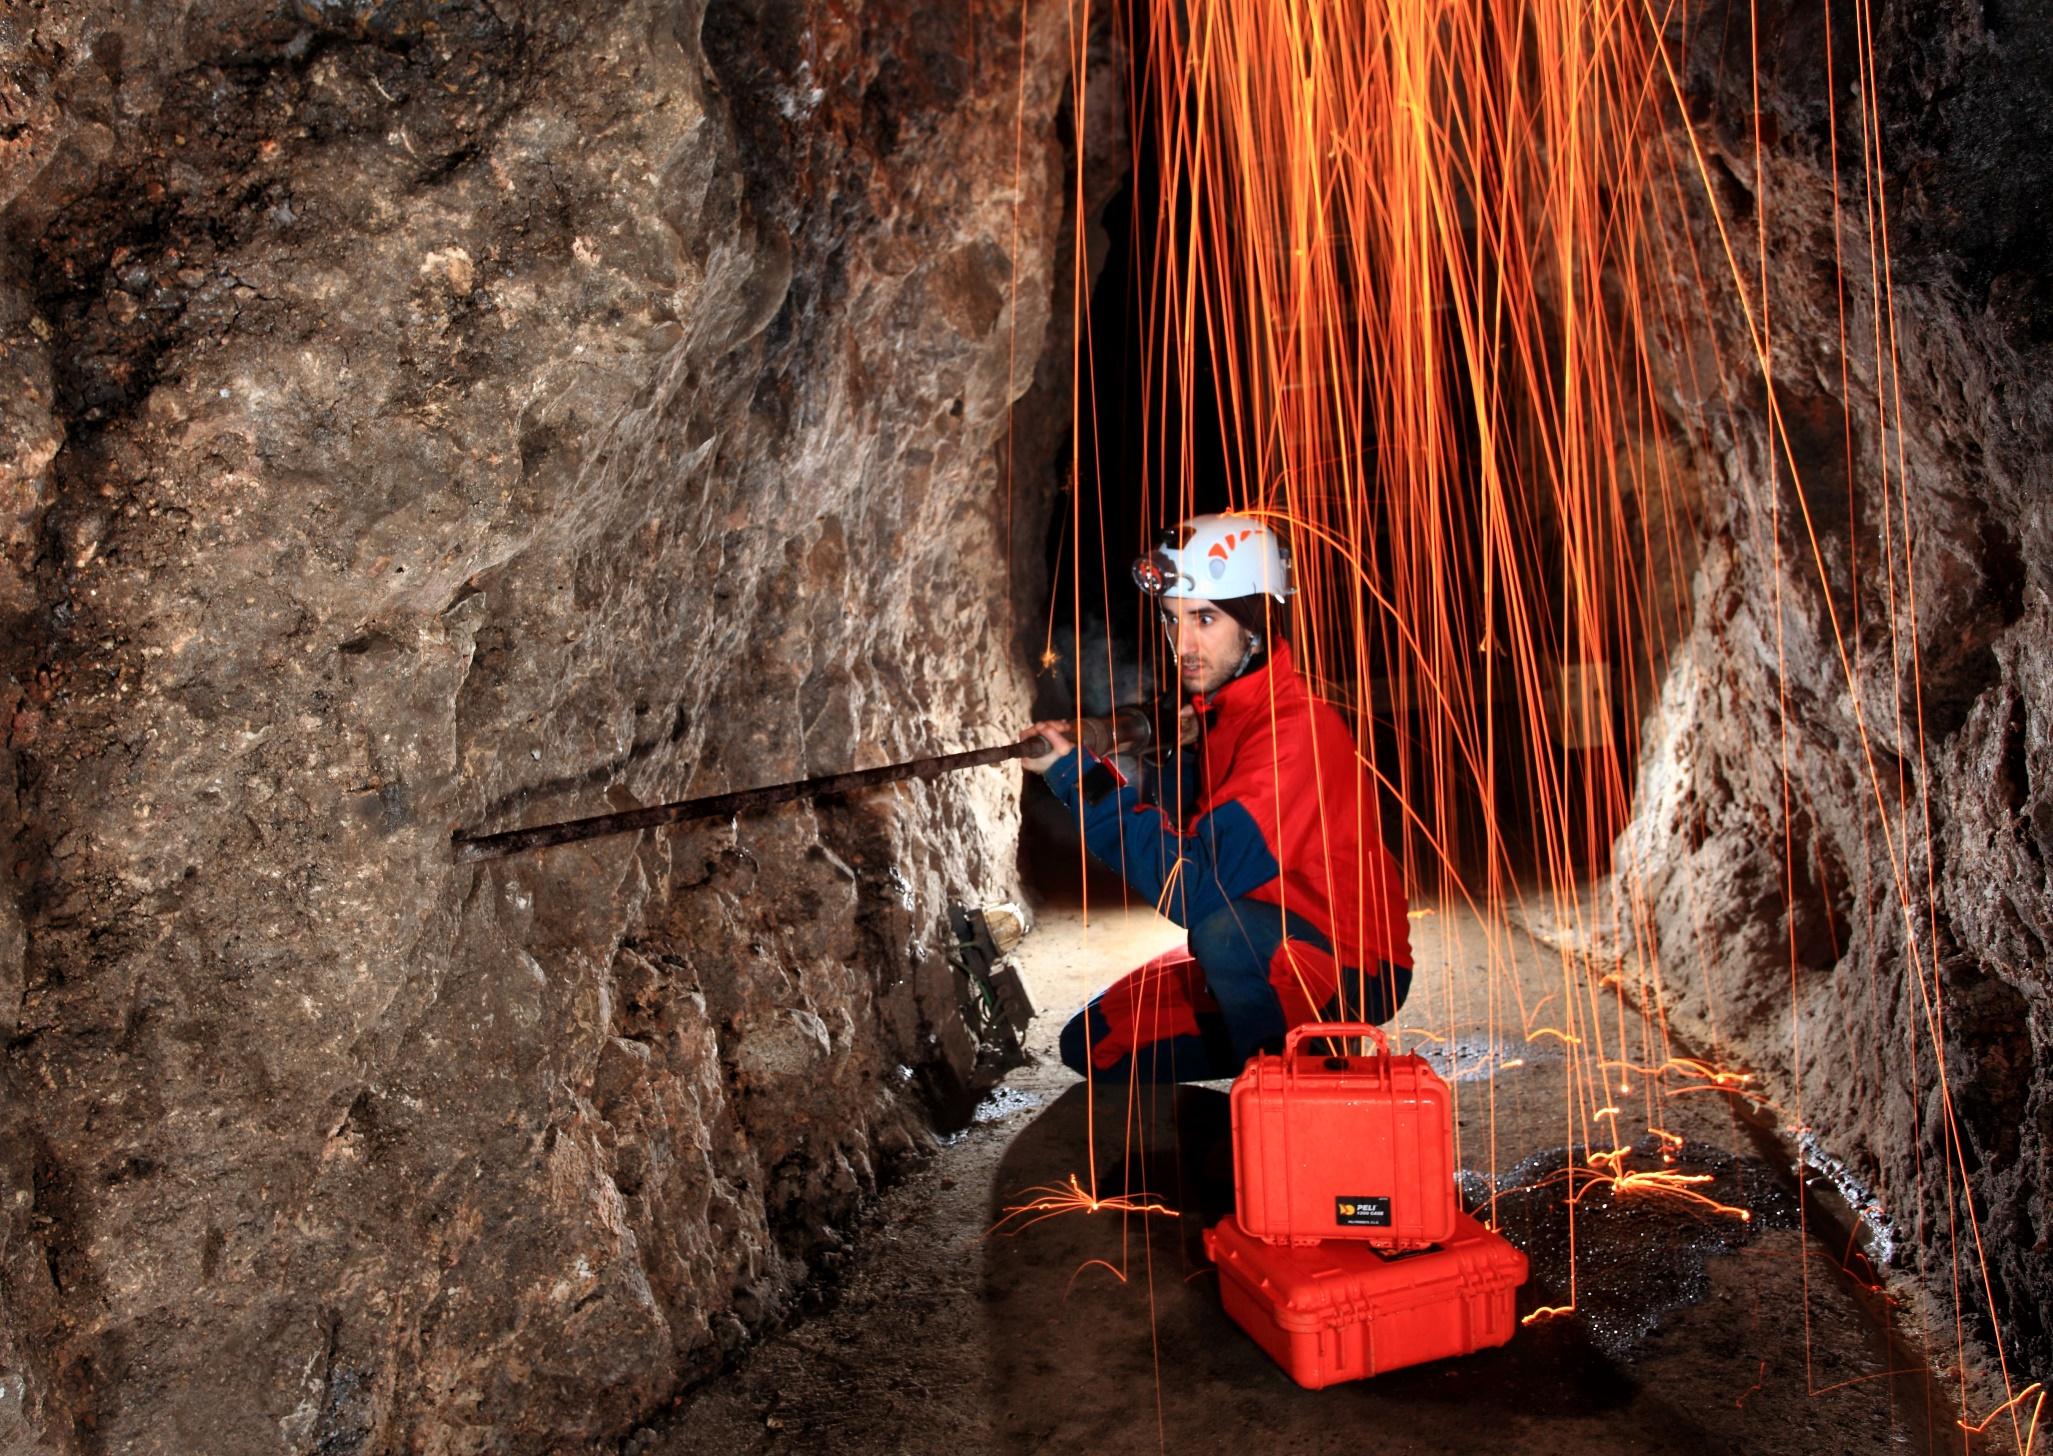 """PATRIMONIO NATURAL Y CULTURAL - Visitas guiadas """"minas de manganeso"""".Aulas de interpretación de la naturaleza: la dehesa de hayas, bosque de rivera, el Viso europeo proyecto live o la Berrea."""